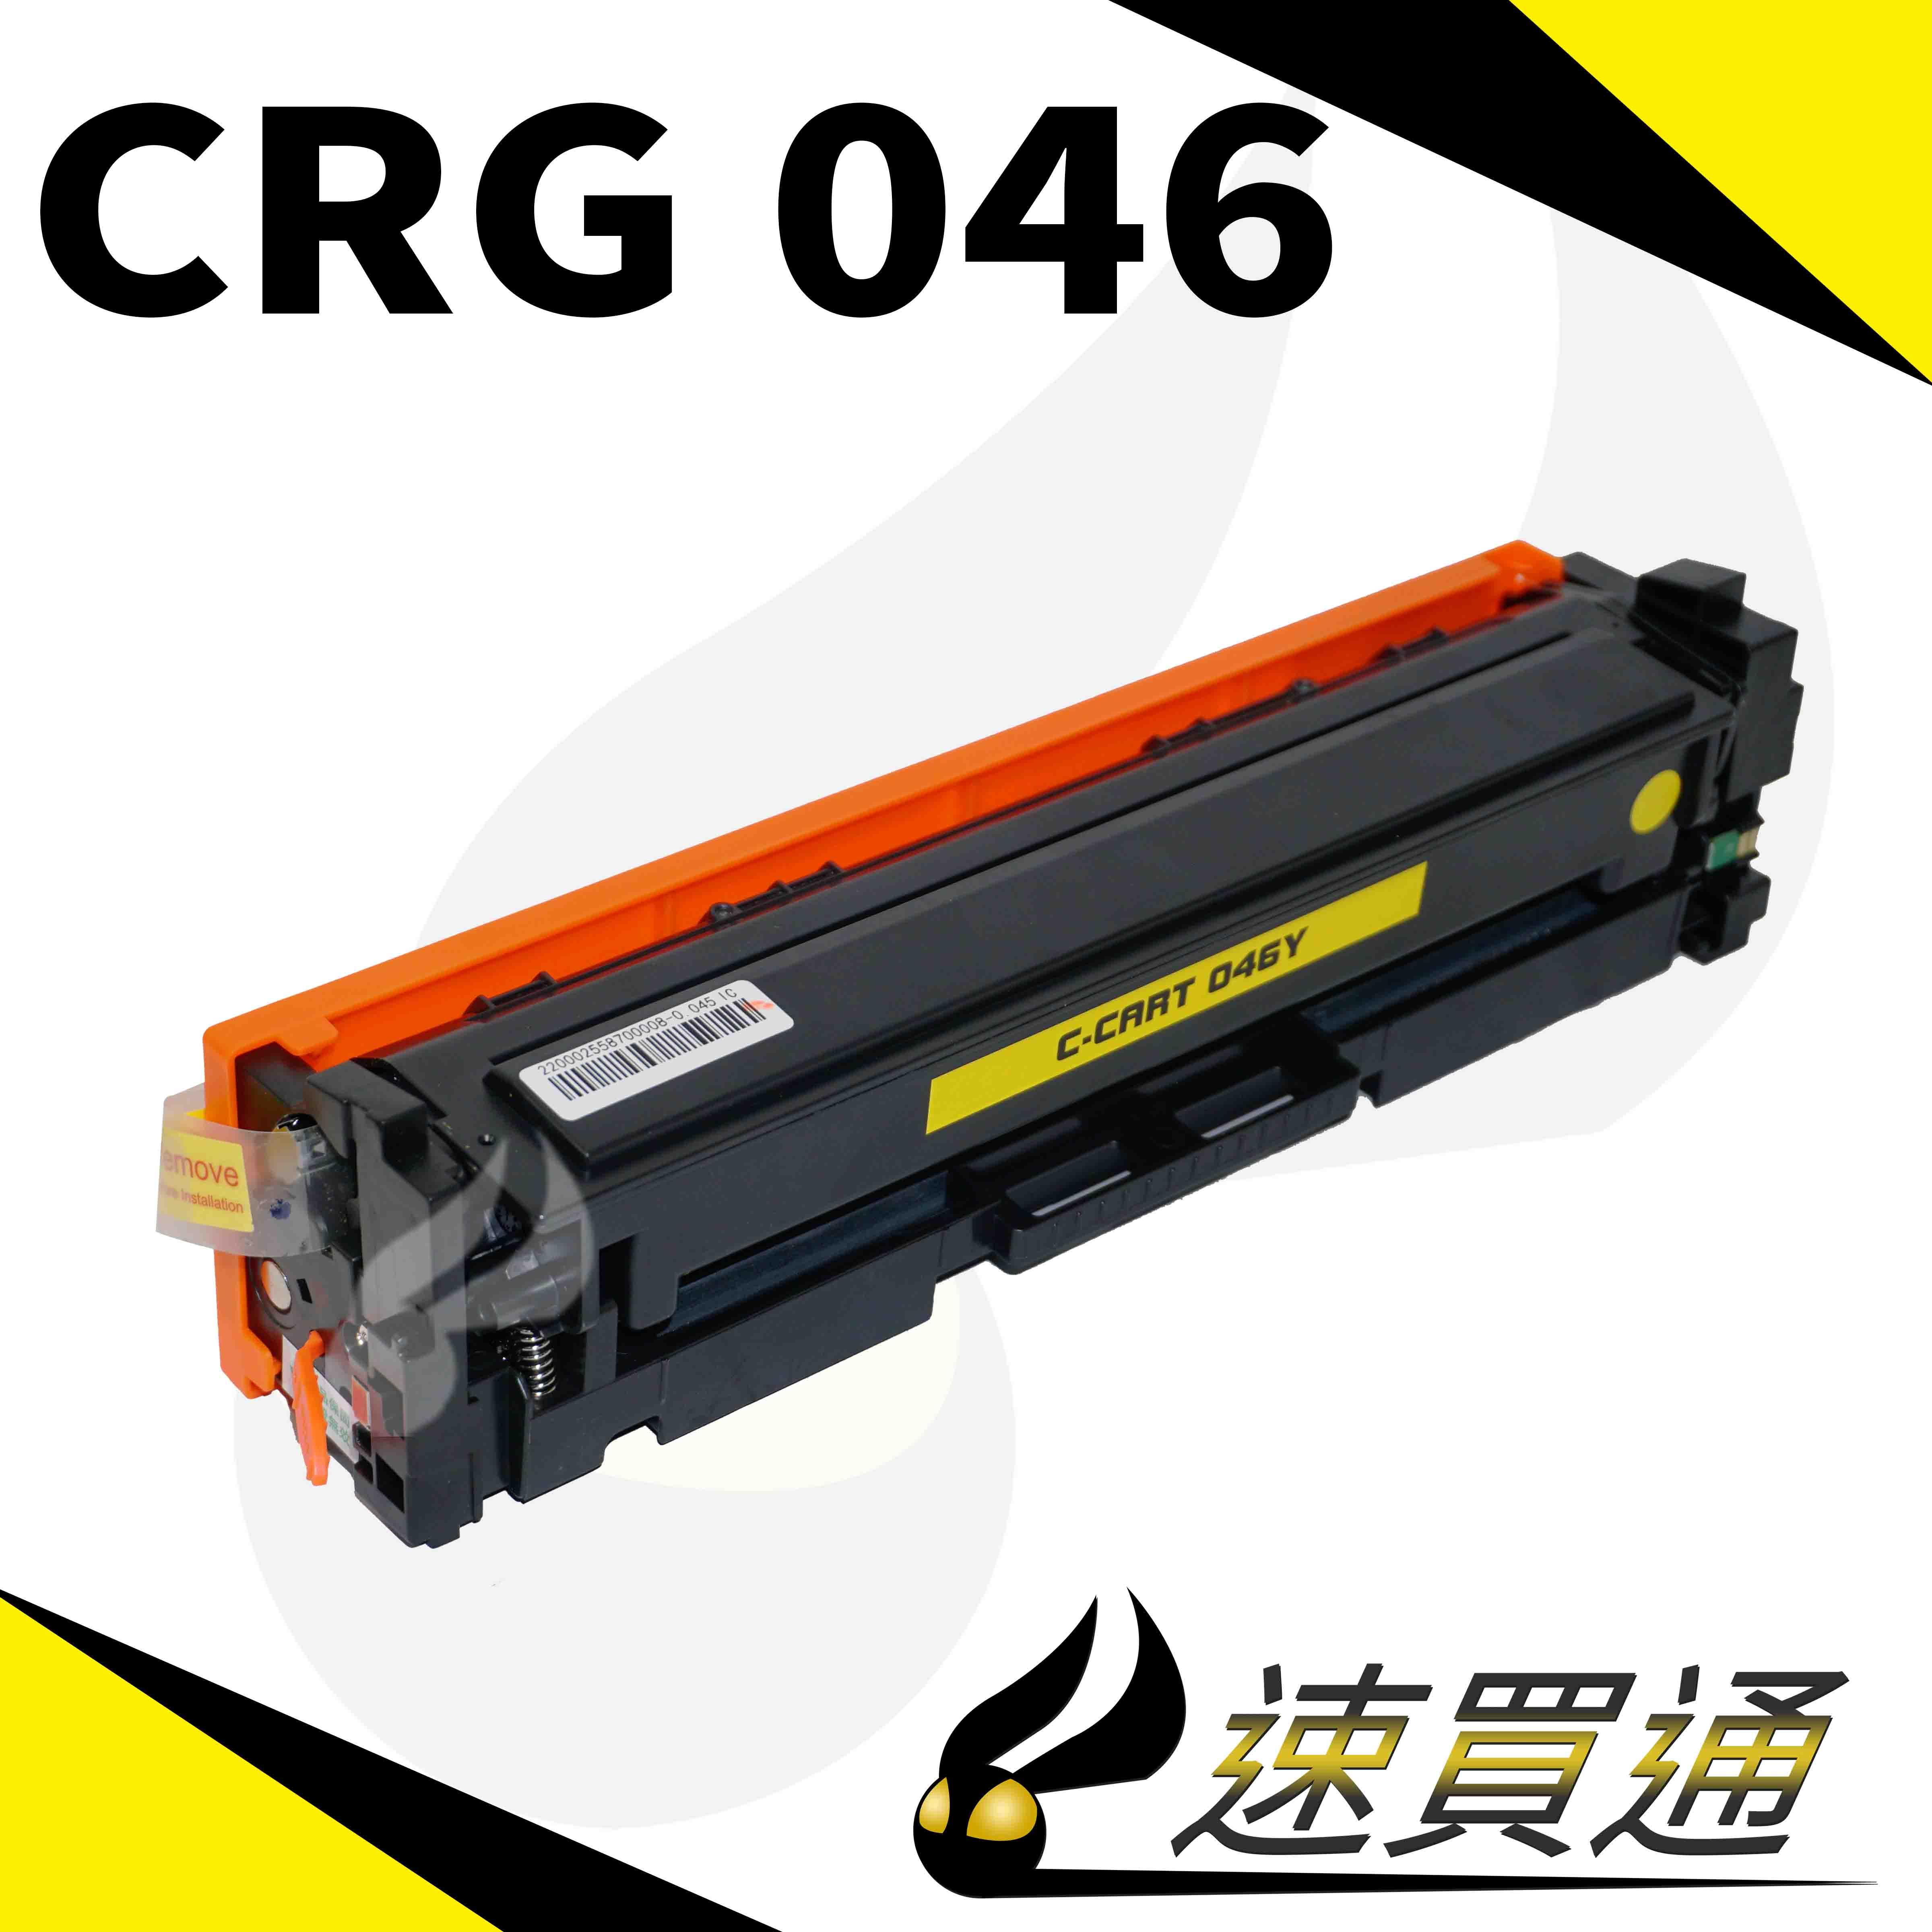 【速買通】Canon CRG-046/CRG046 黃 相容彩色碳粉匣